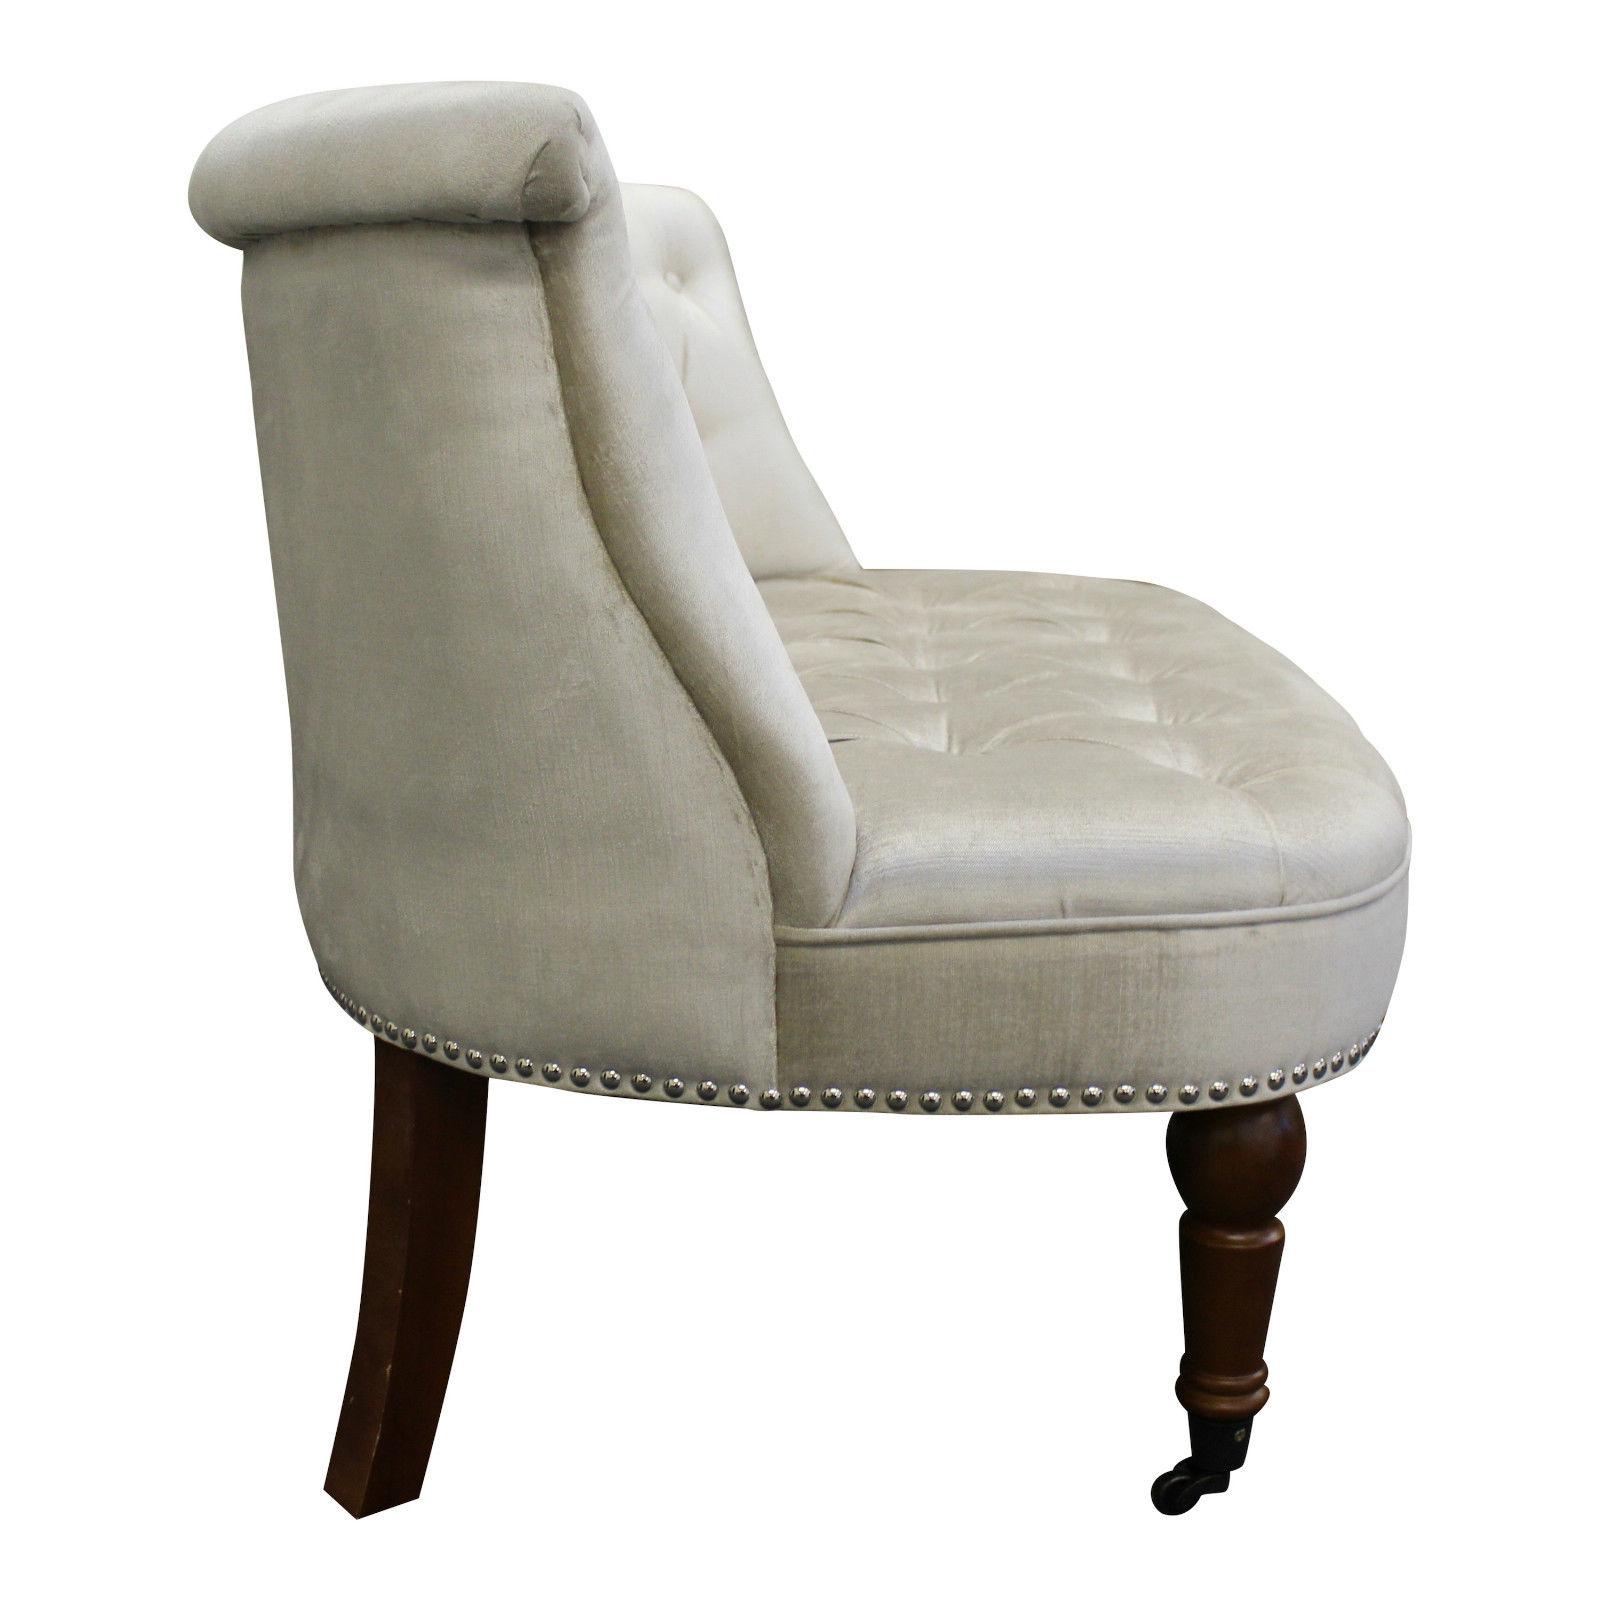 Homeu003eOccasional Chairsu003eAudra Snuggle/Love Chair In Soft Beige Chenille